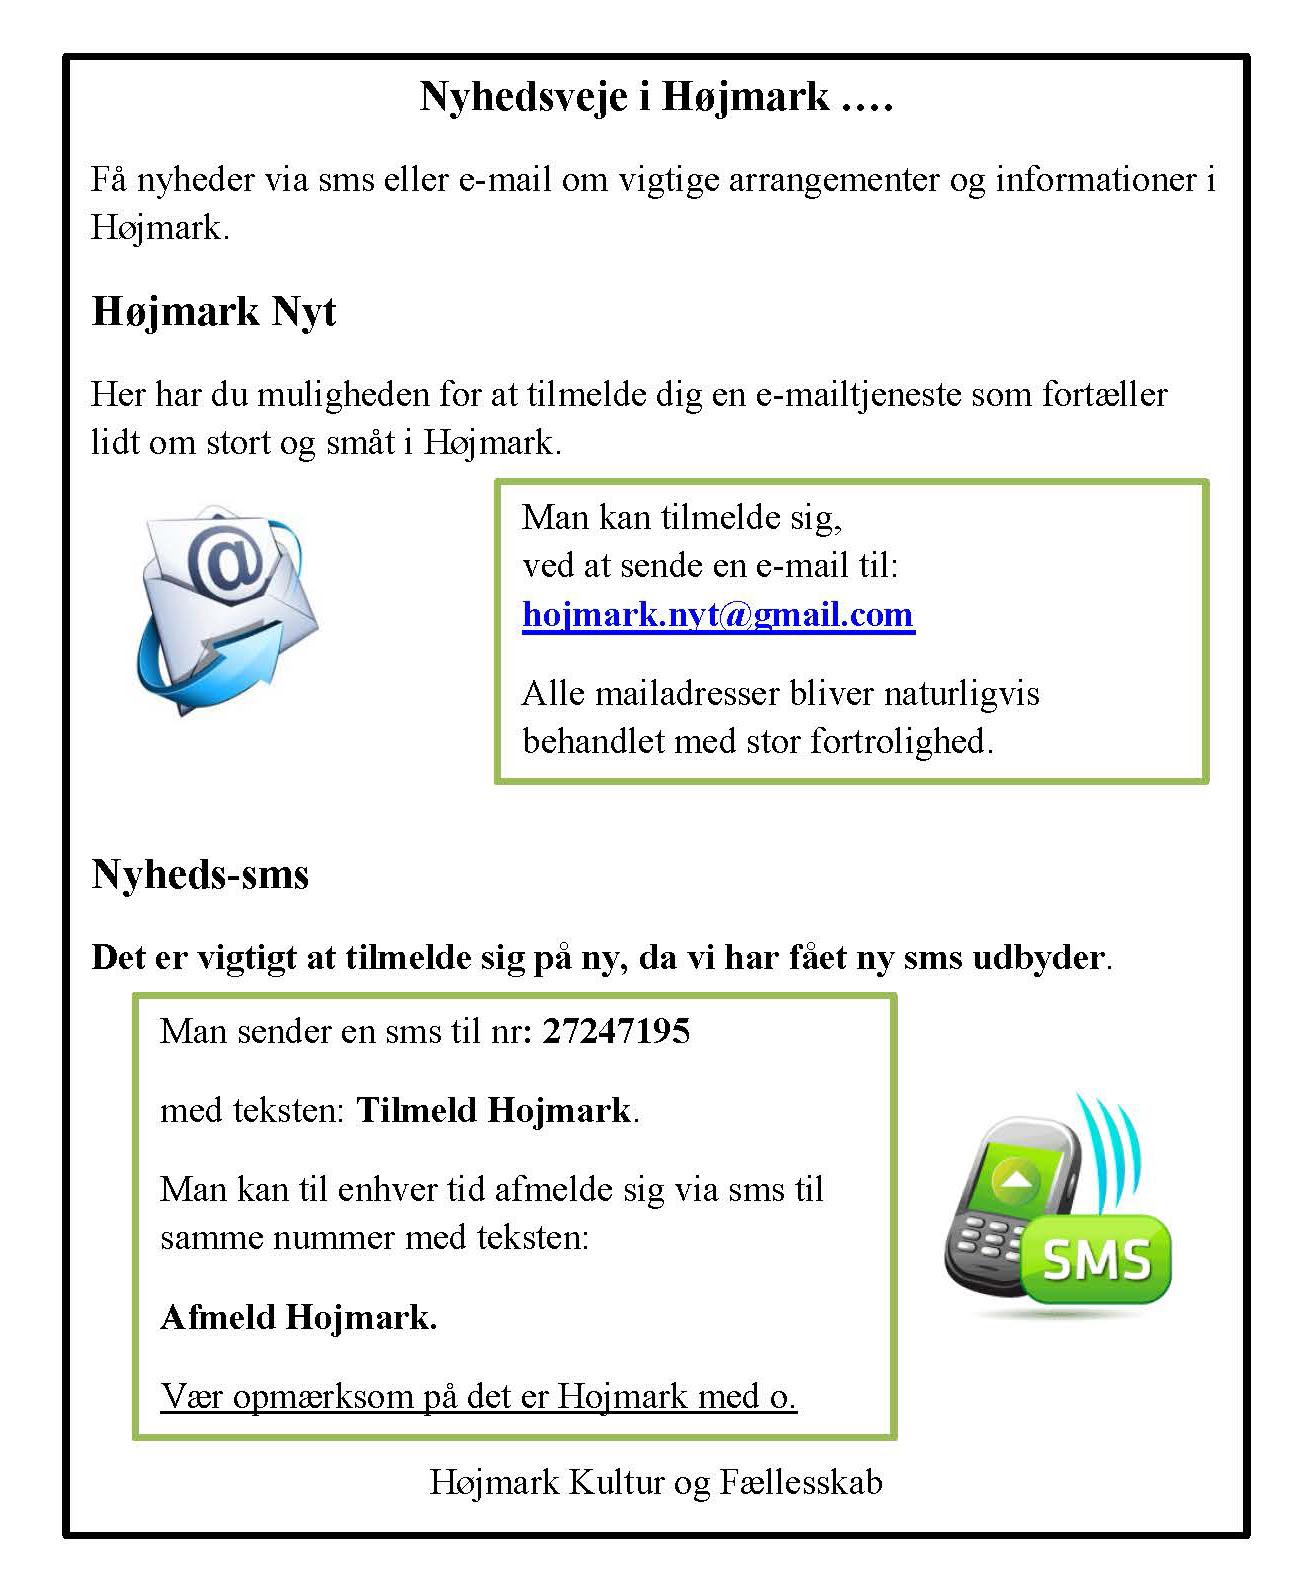 højmark sms og e-mail